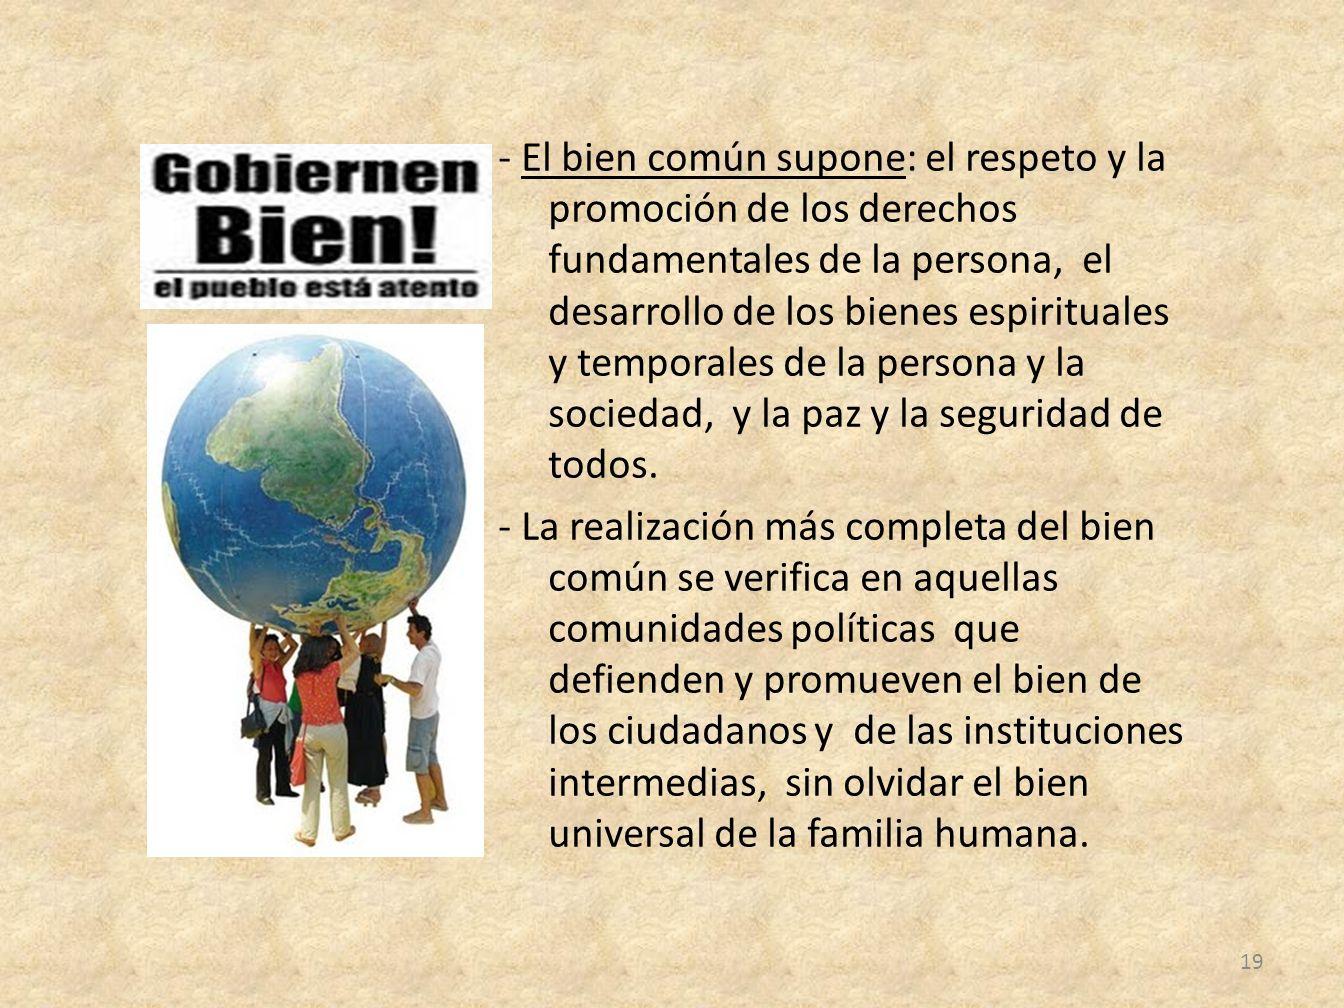 - El bien común supone: el respeto y la promoción de los derechos fundamentales de la persona, el desarrollo de los bienes espirituales y temporales de la persona y la sociedad, y la paz y la seguridad de todos.